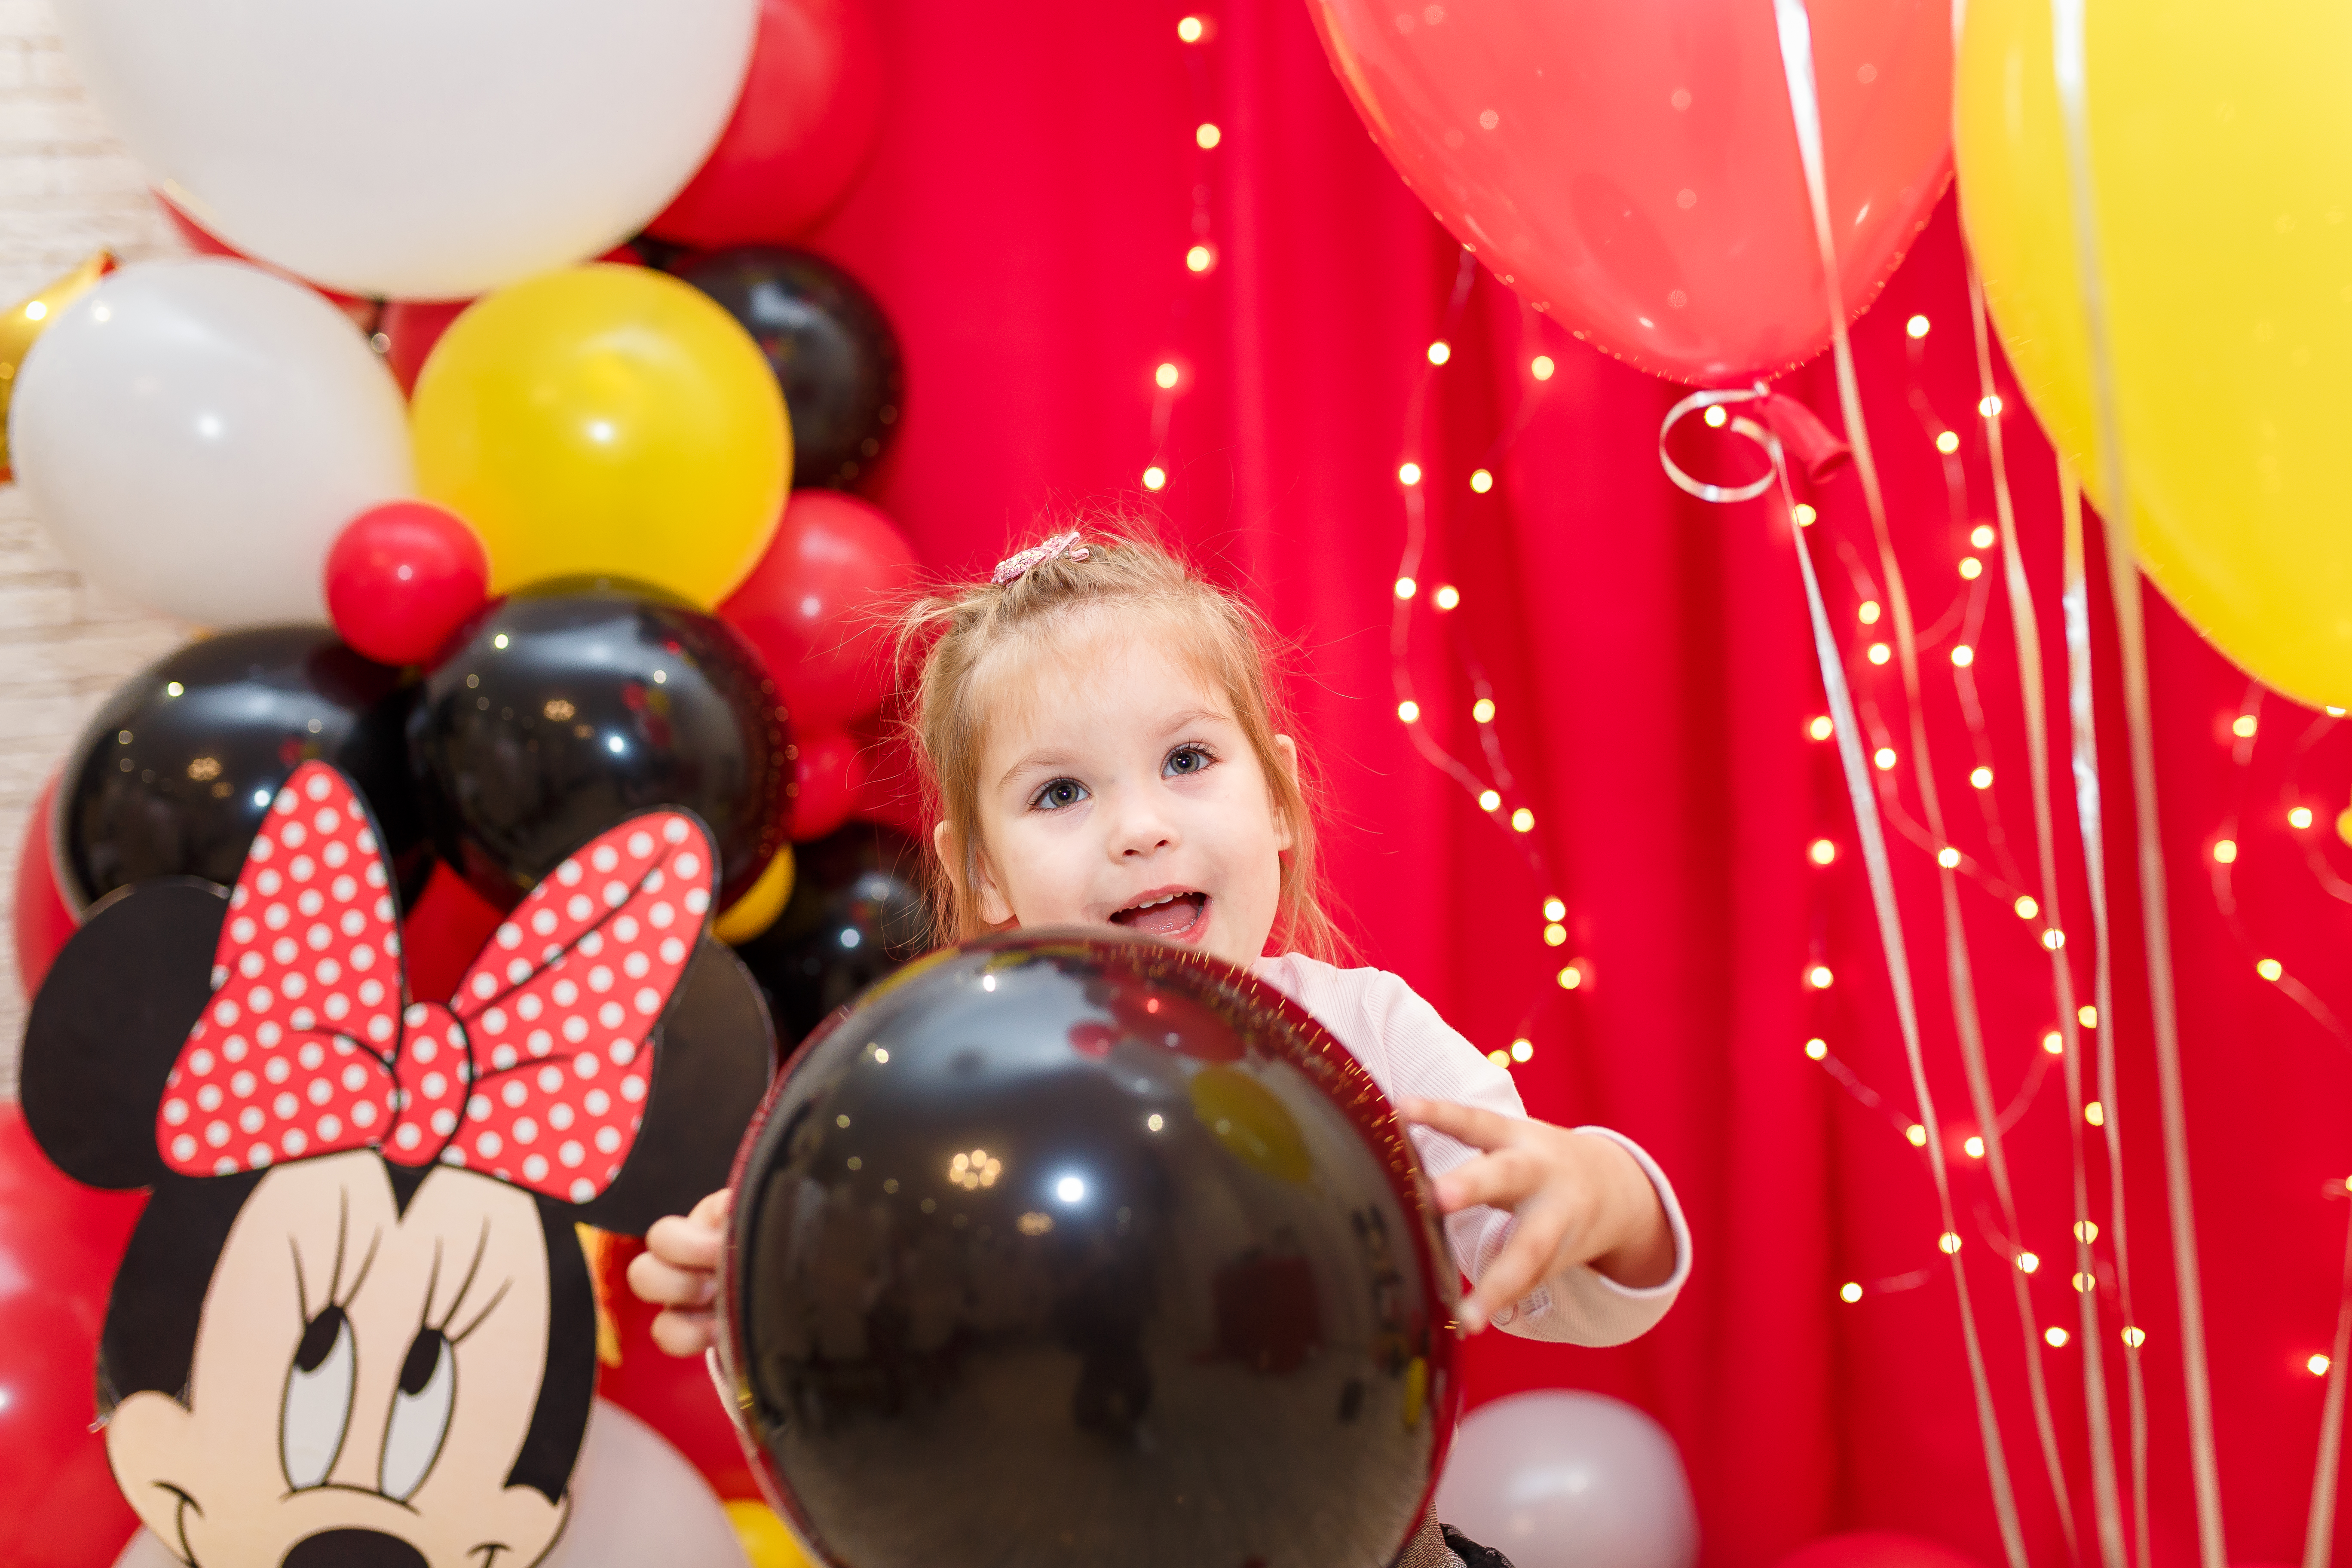 Репортажная фотосессия в Измаил. Детский день рождения. Годик. Фотограф Елена Сейрик.